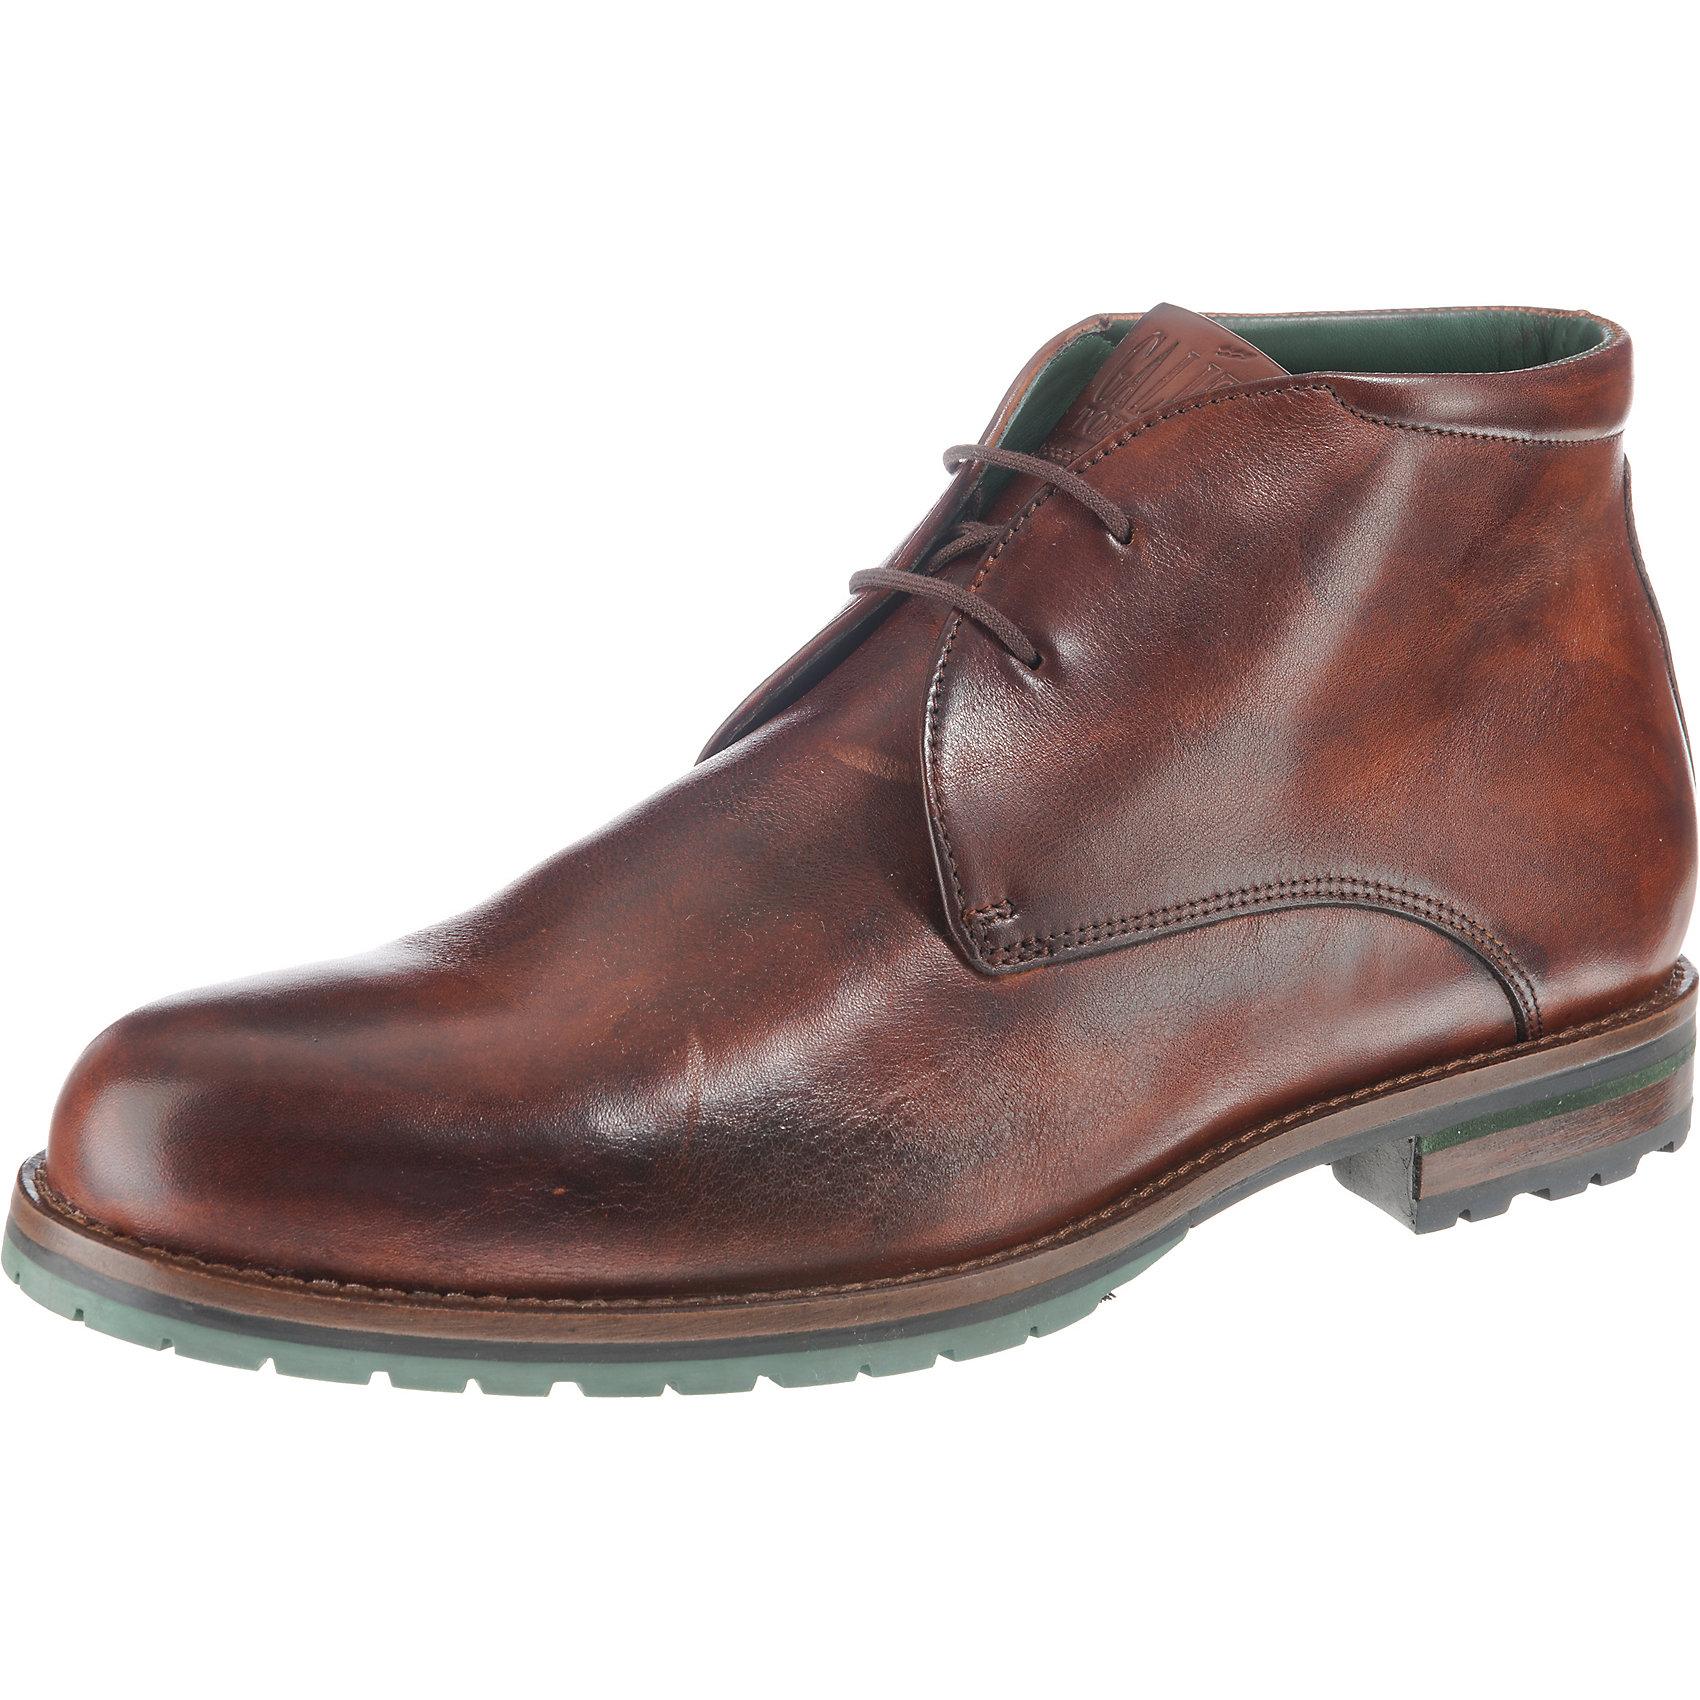 Neu Galizio Torresi Desert Stiefel 8615746 für Herren schwarz schwarz schwarz braun   3323a4